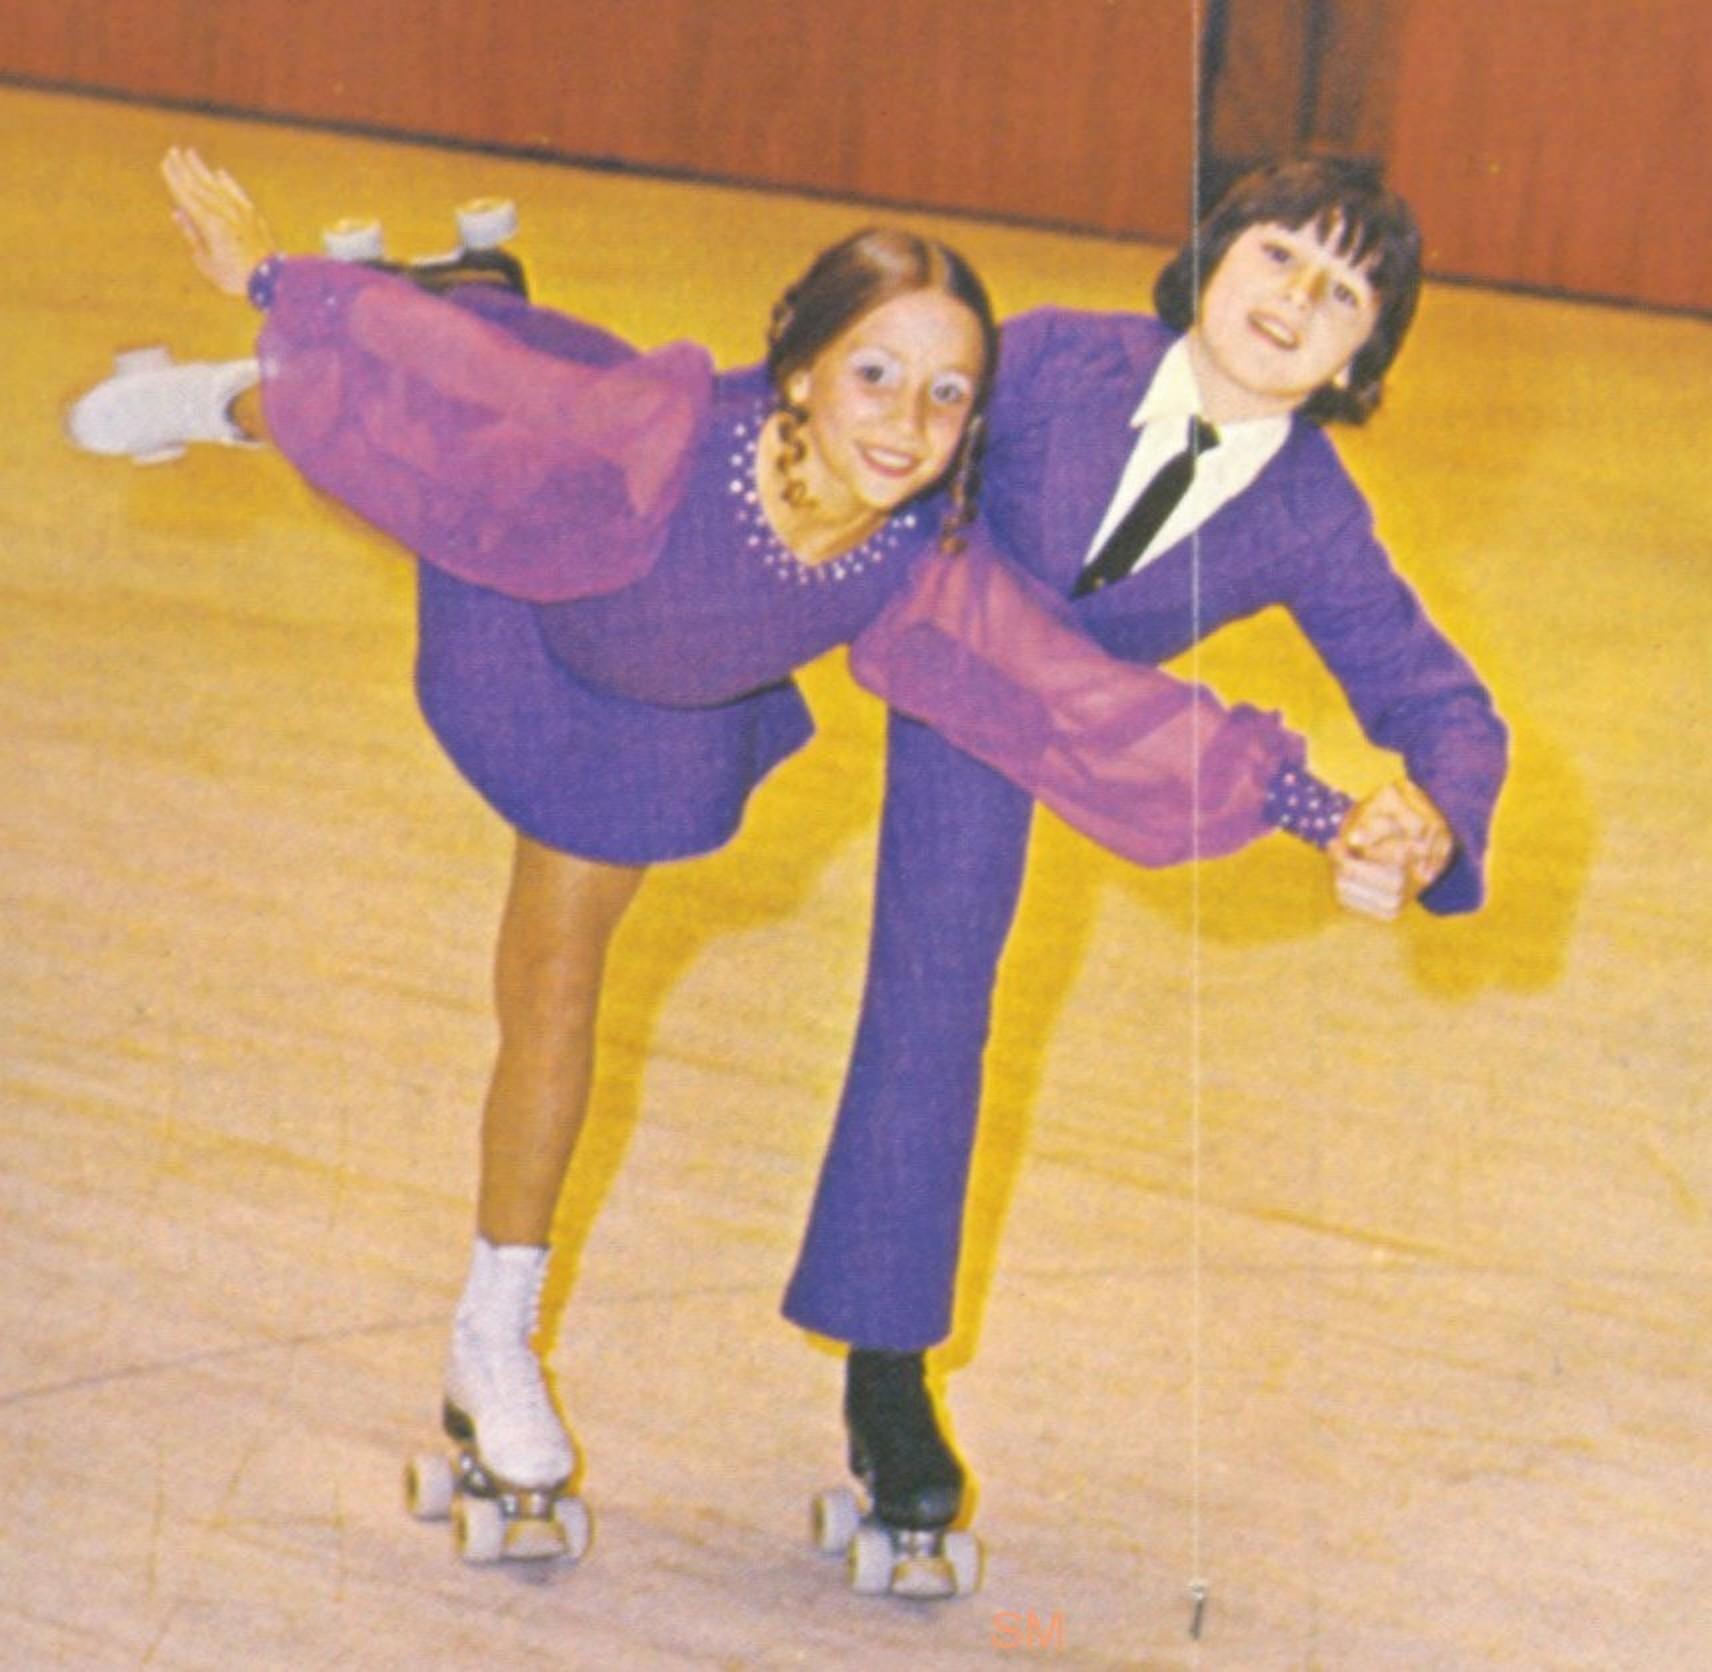 Roller skates dance - Roller Skates Dance 22